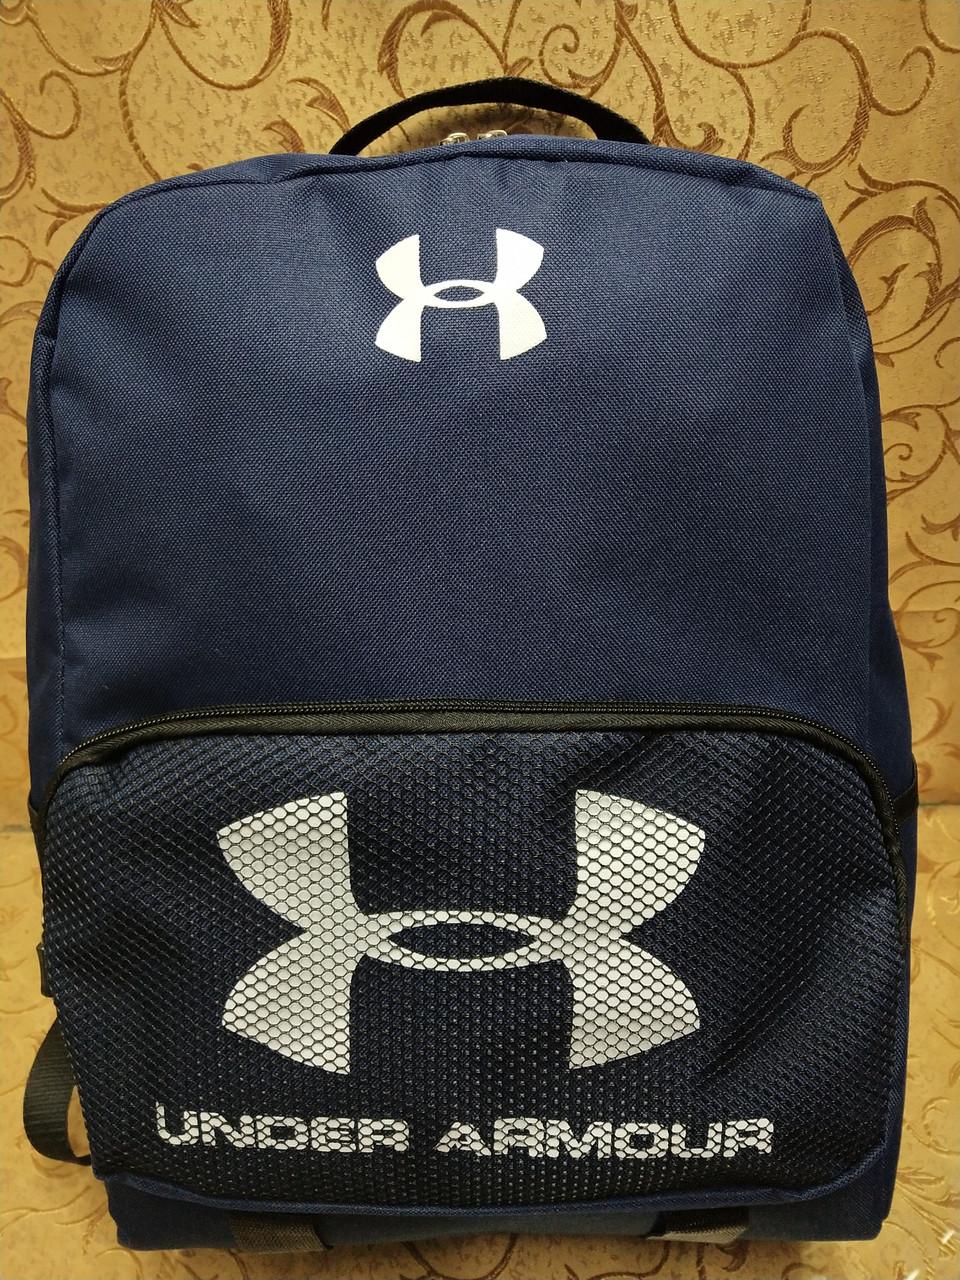 Рюкзак UNDER ARMOUR Хорошее качество нового стиля спортивный спорт городской стильный рюкзак только оптом